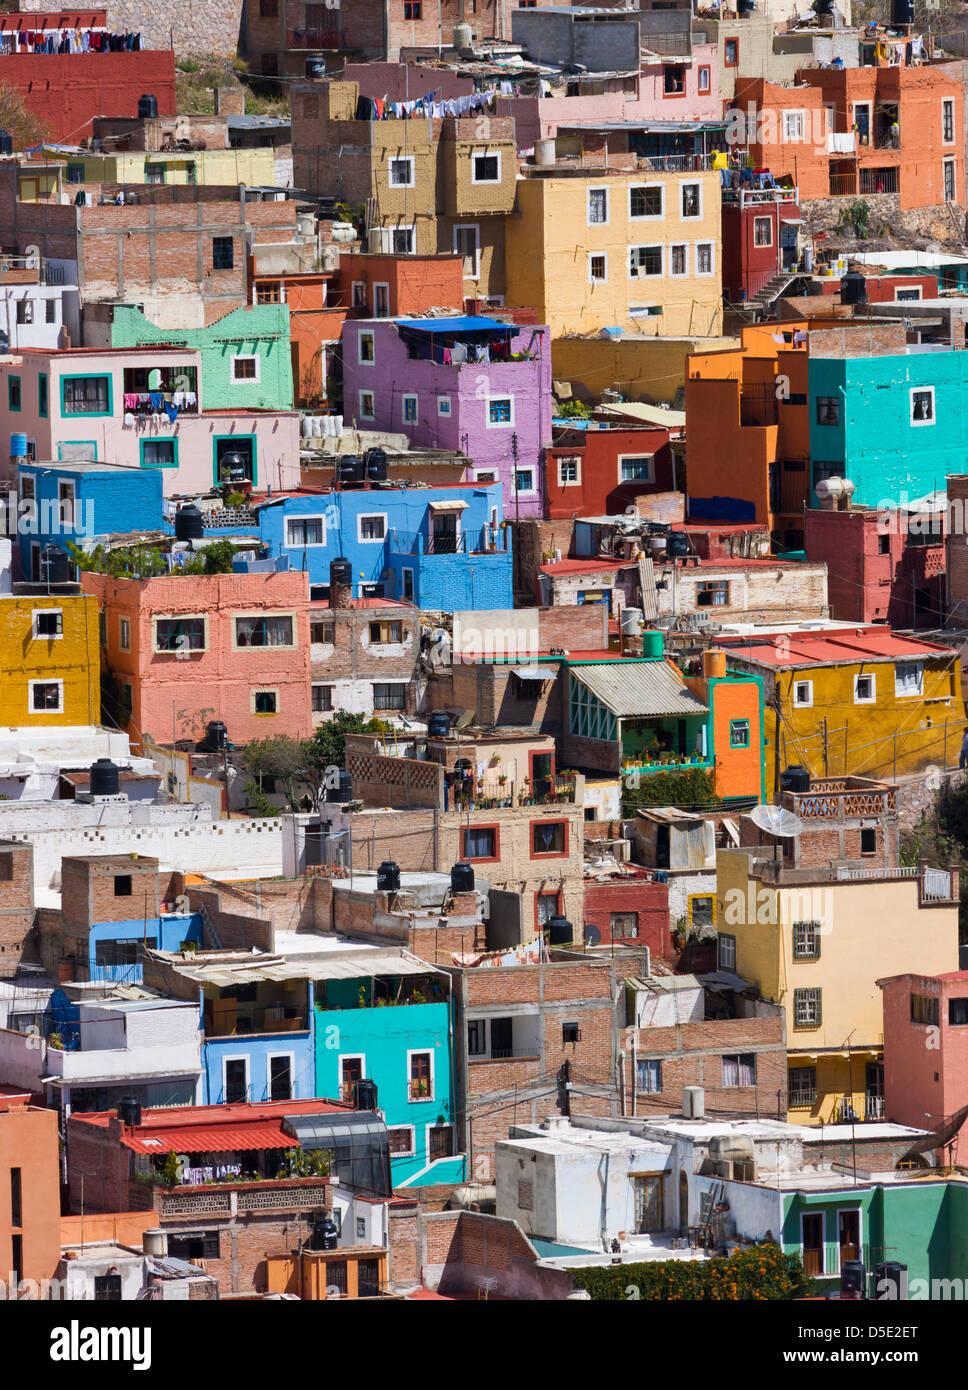 Vista aérea de coloridas casas de Guanajuato, México Imagen De Stock